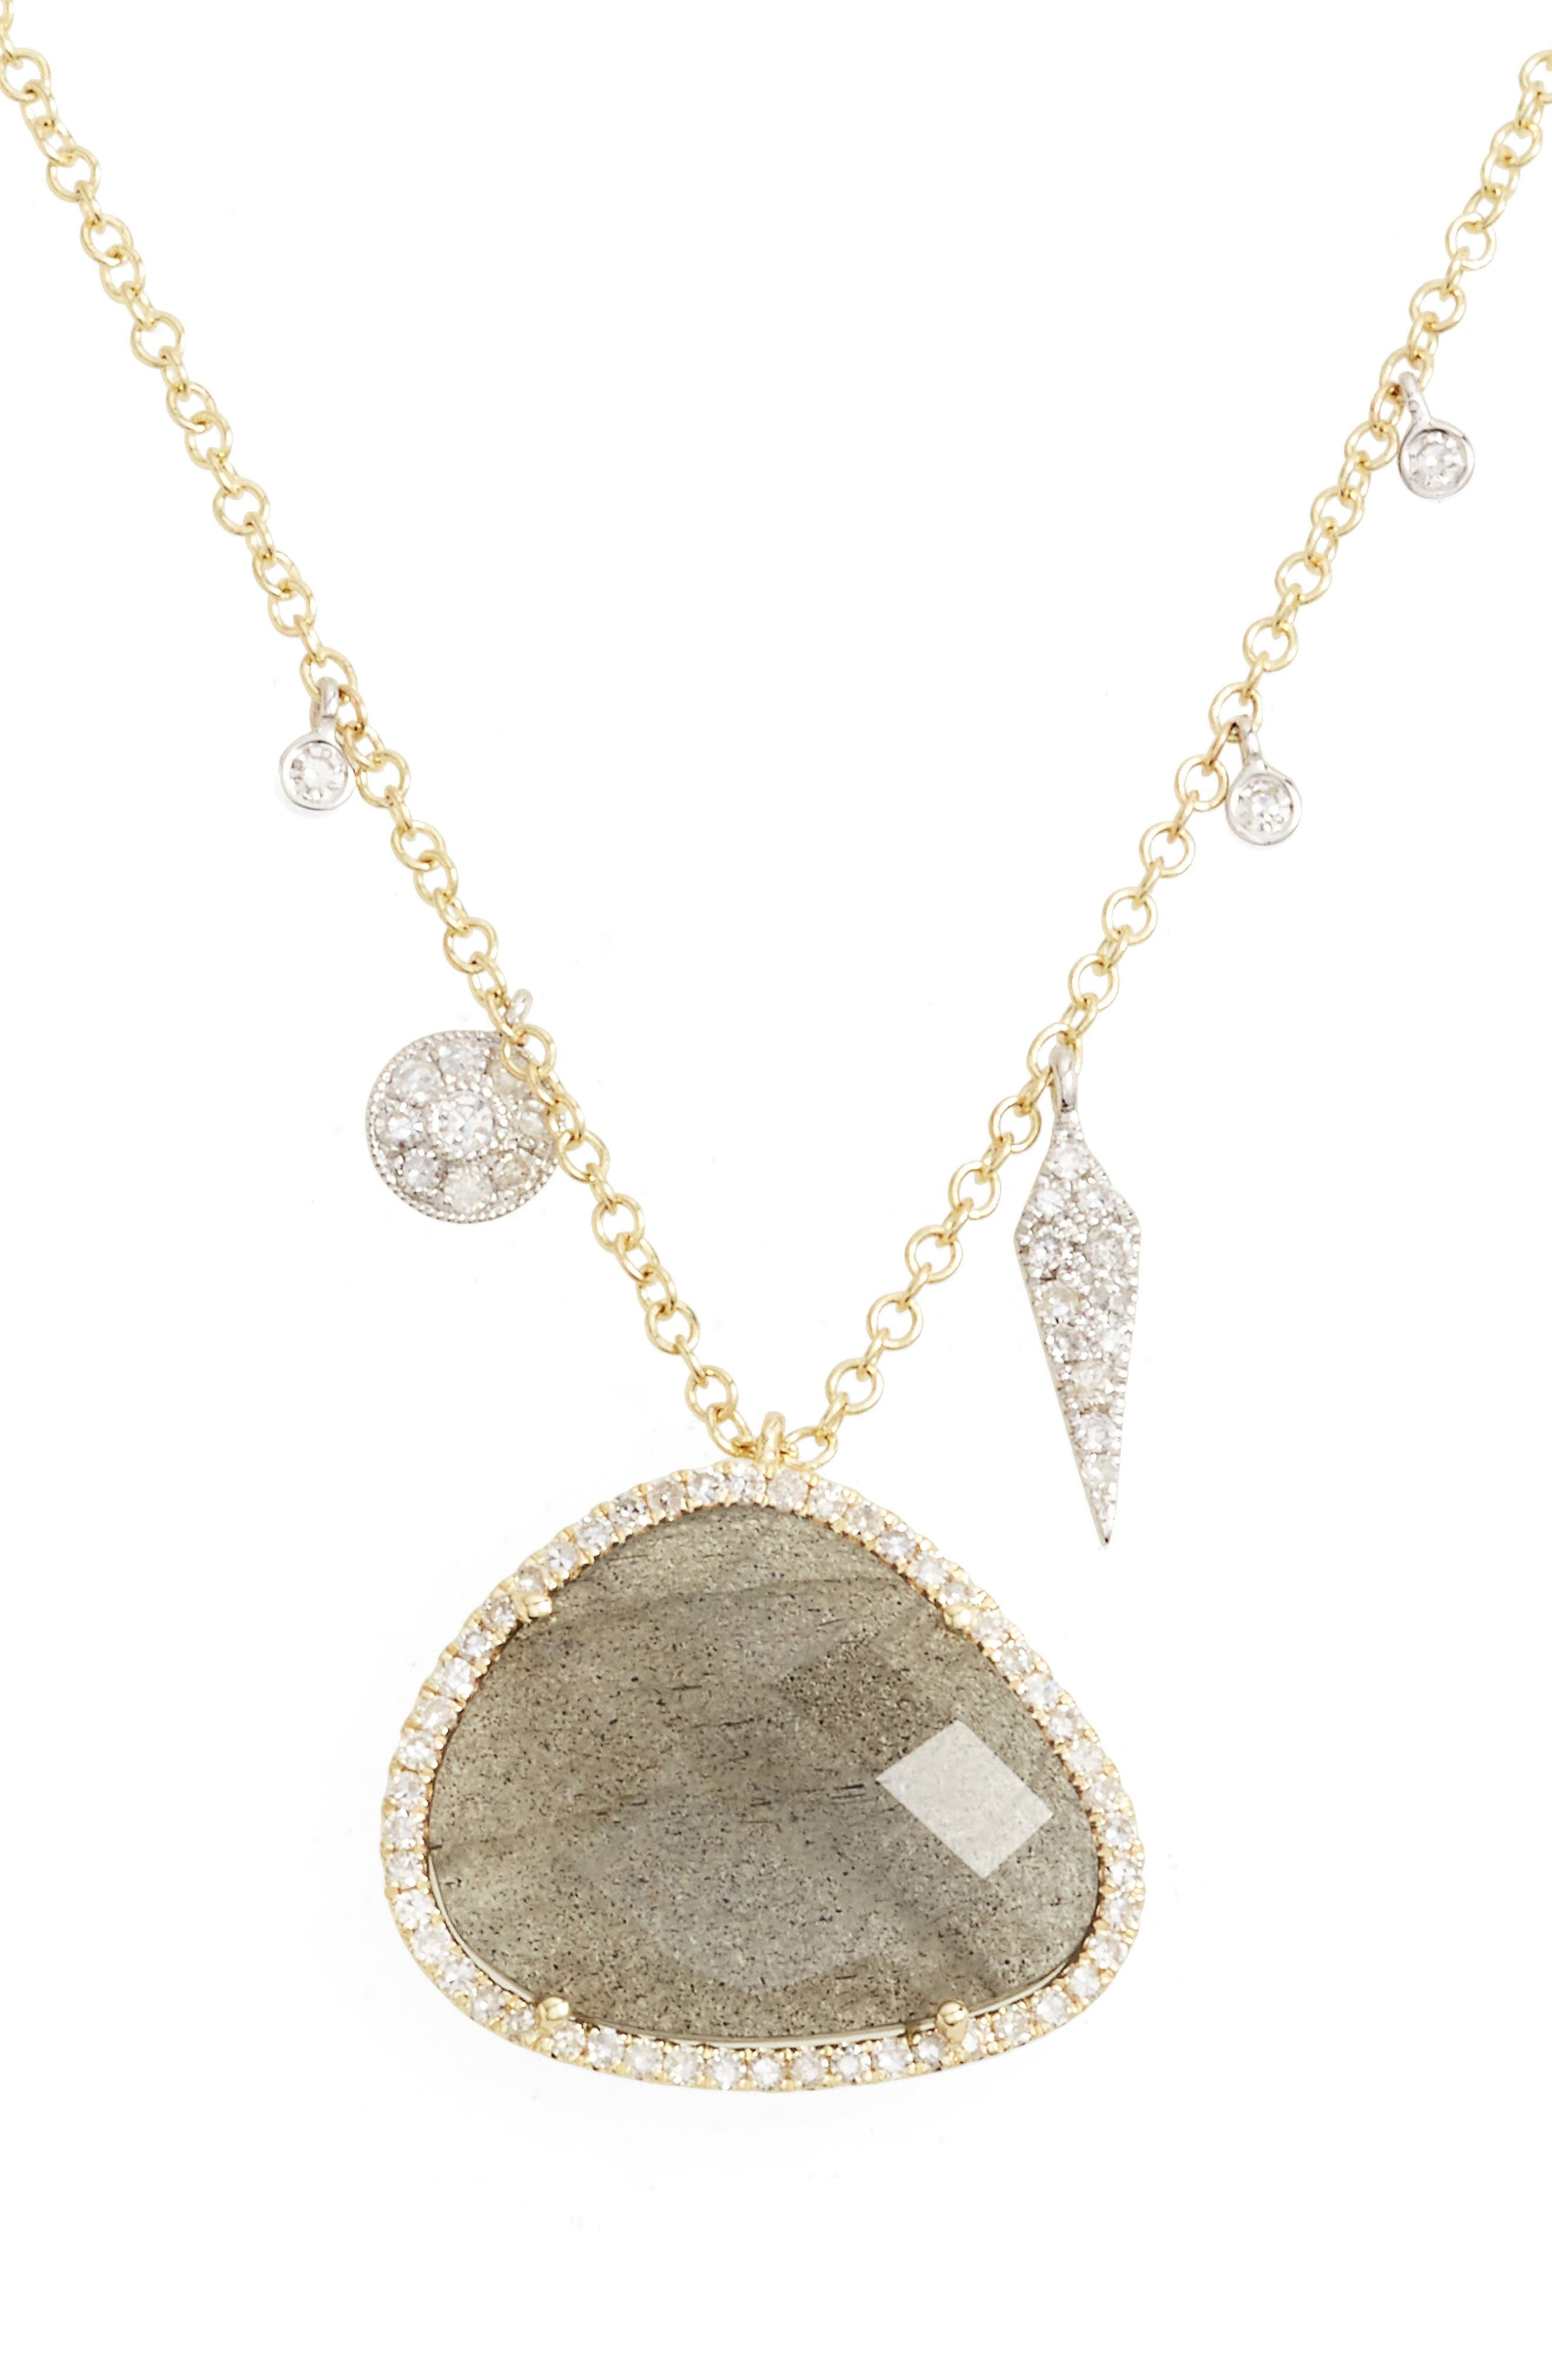 Main Image - Meira T Jewelry Diamond & Semiprecious Stone Pendant Necklace